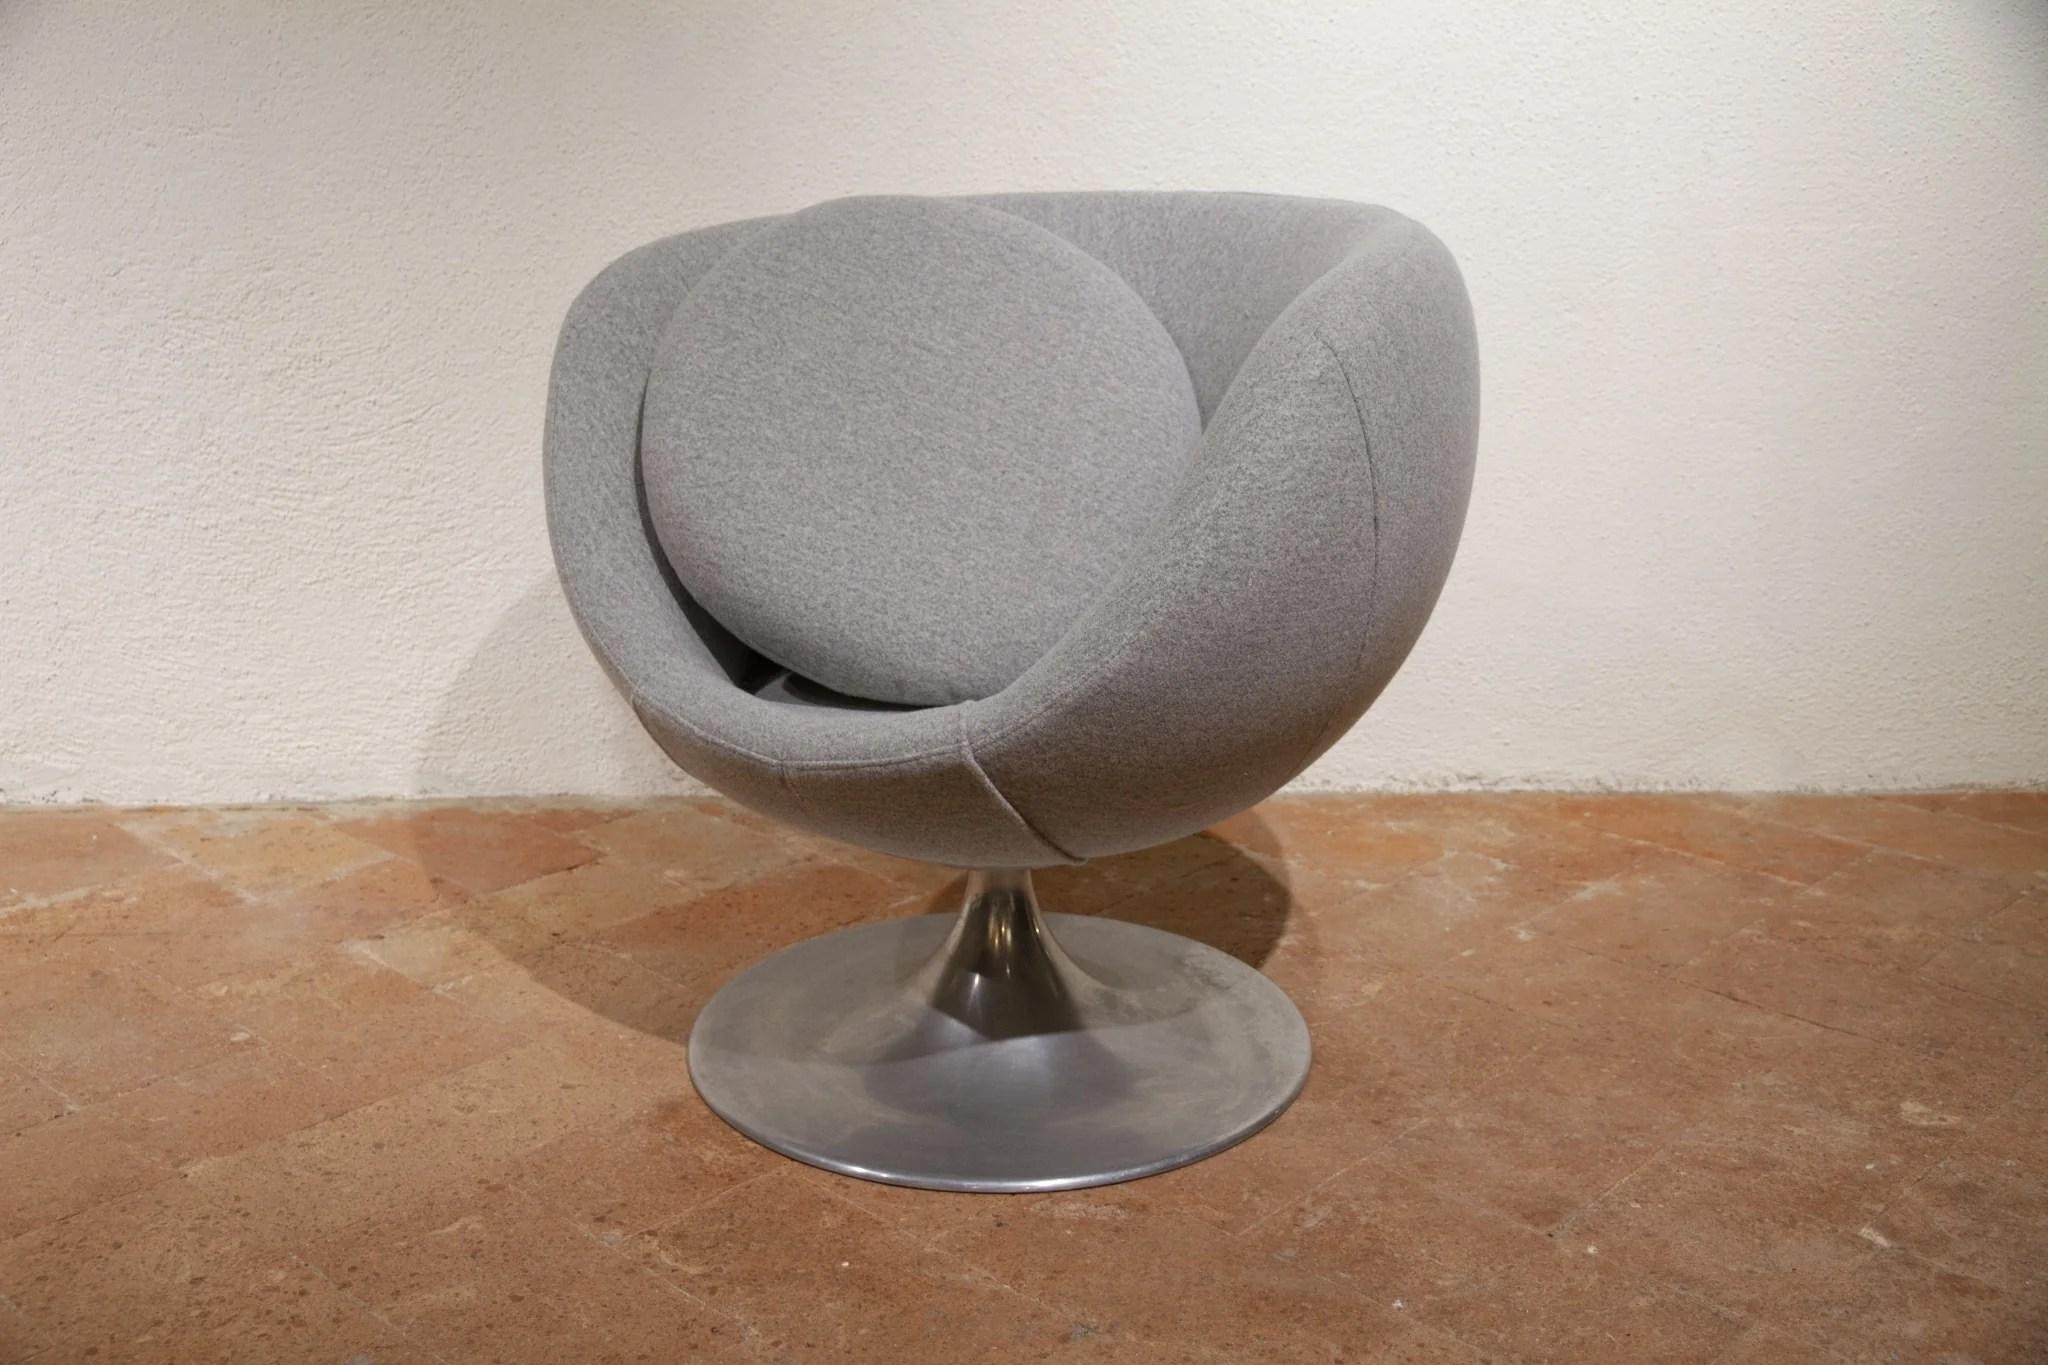 Di adriana solitario su pinterest. Poltrona Vintage Anni 60 8 7 Design Space